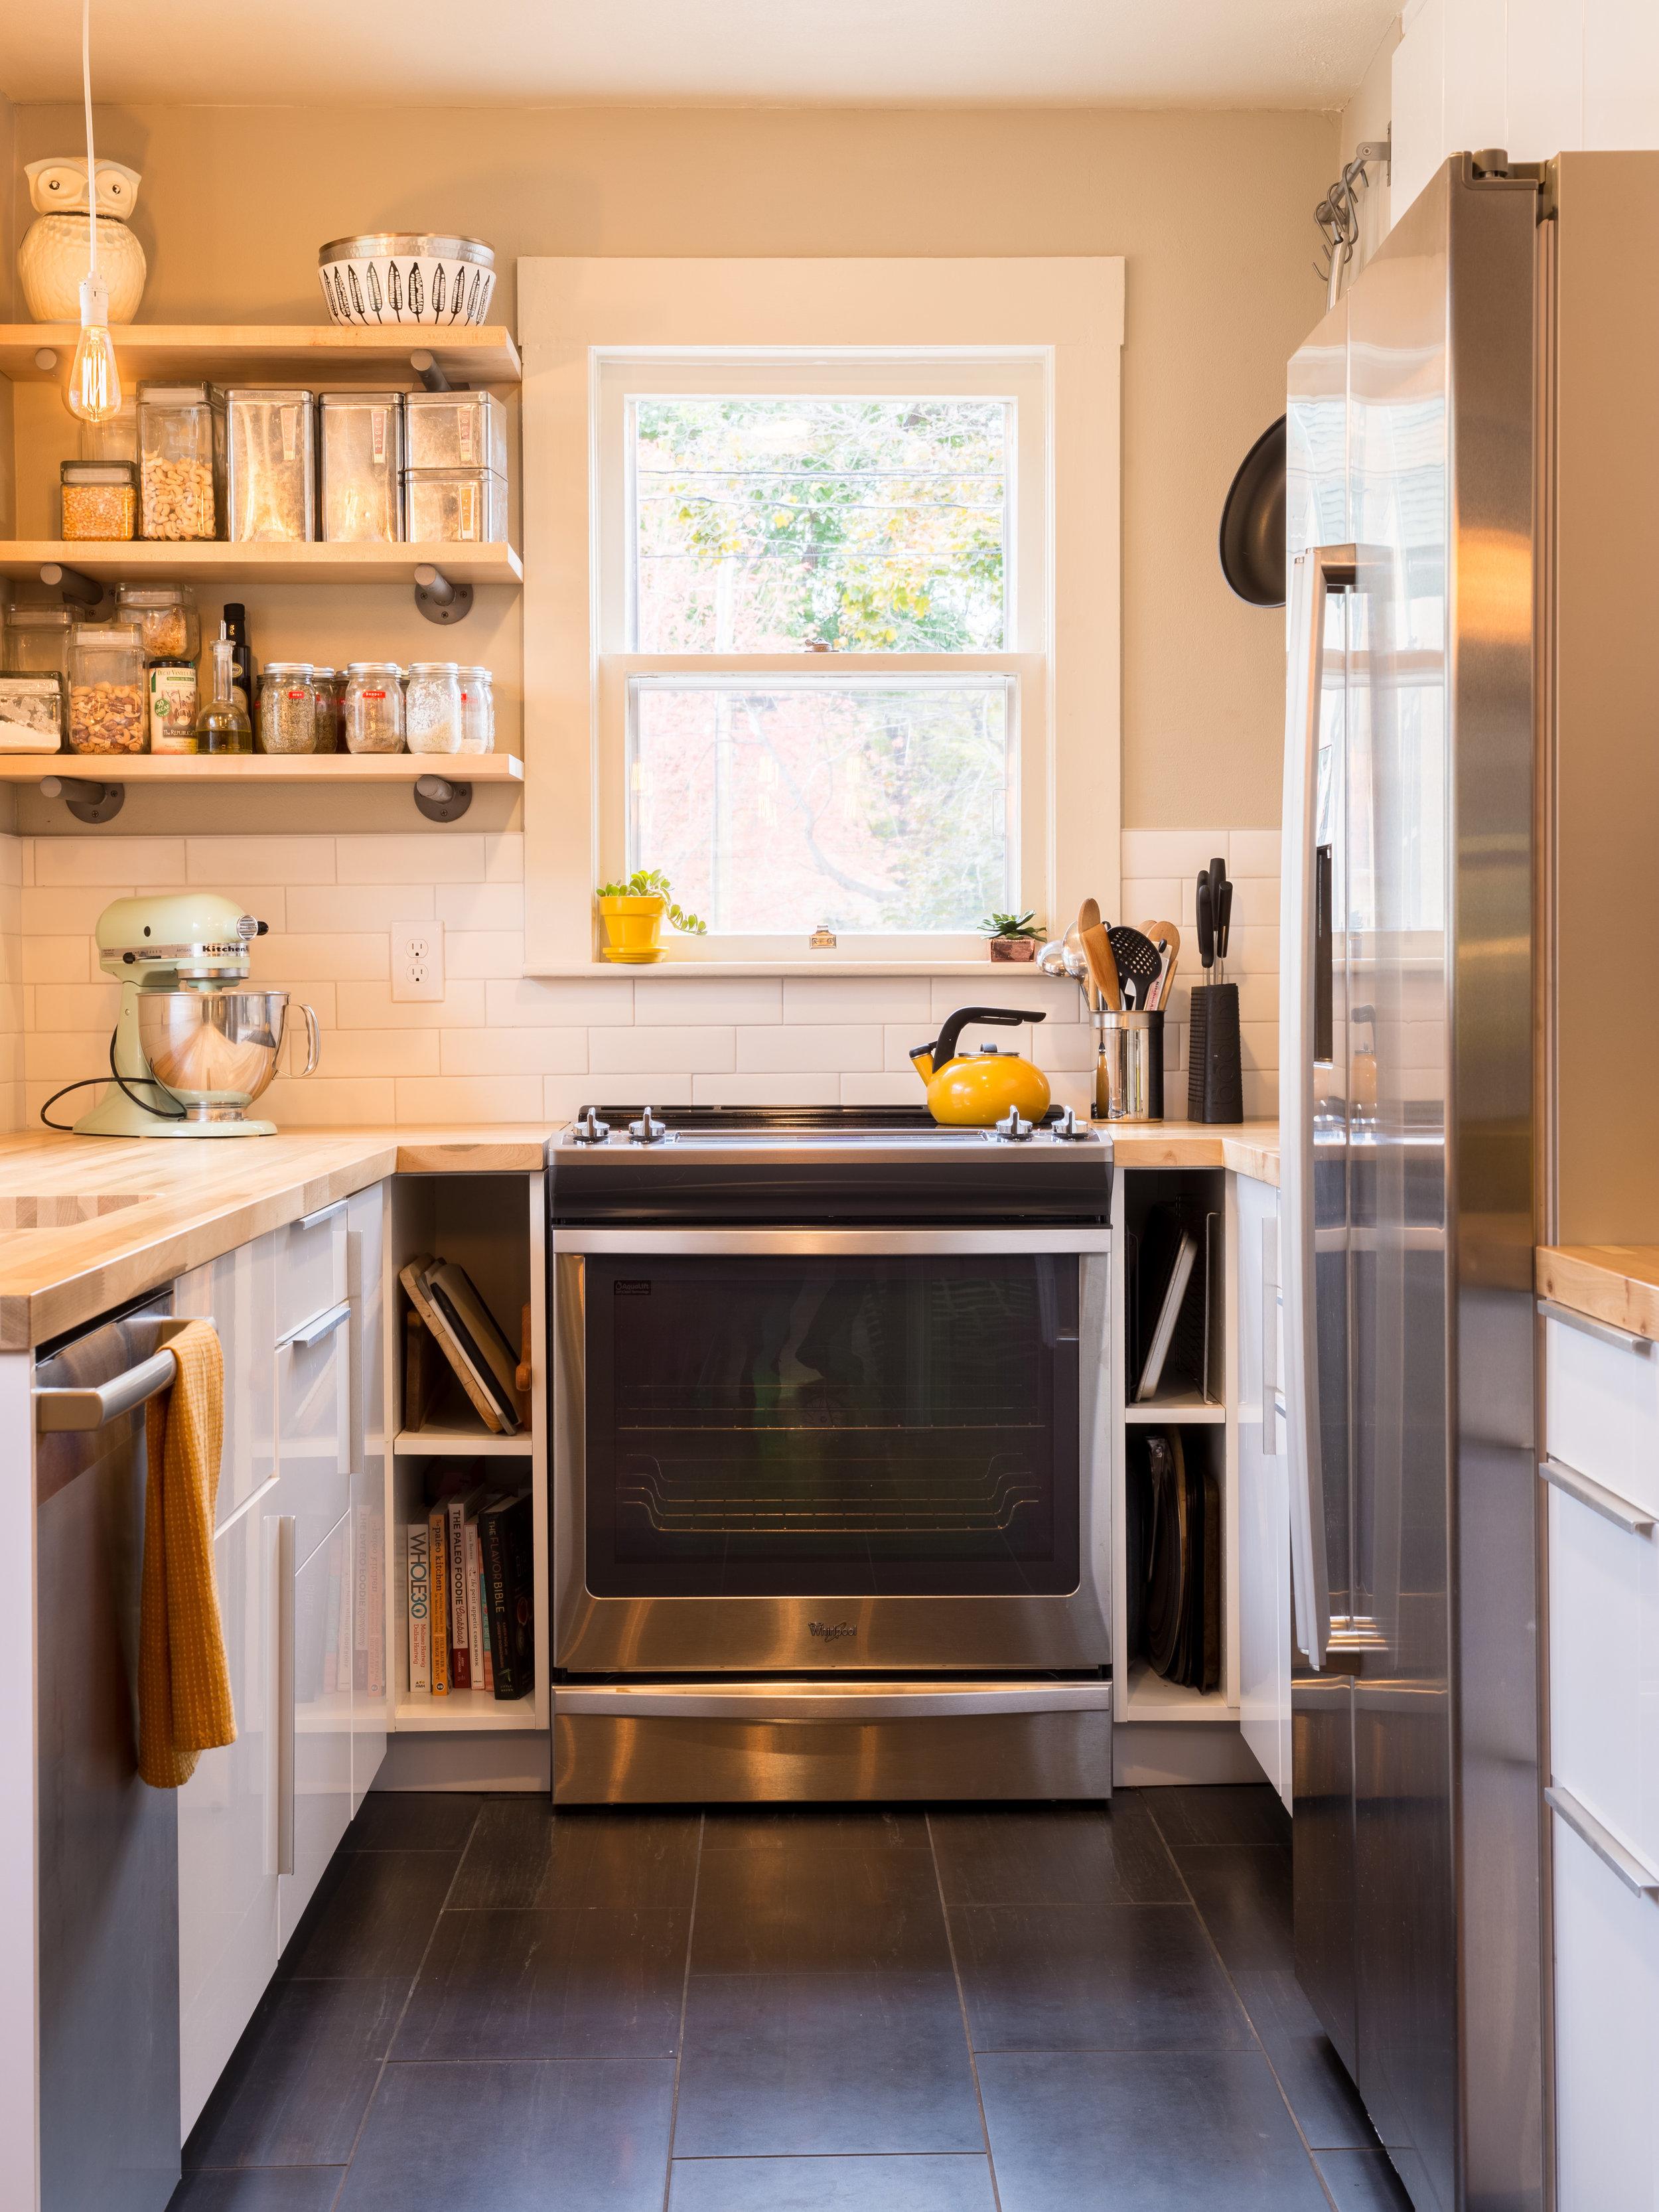 CedarSt Kitchen 13.jpg